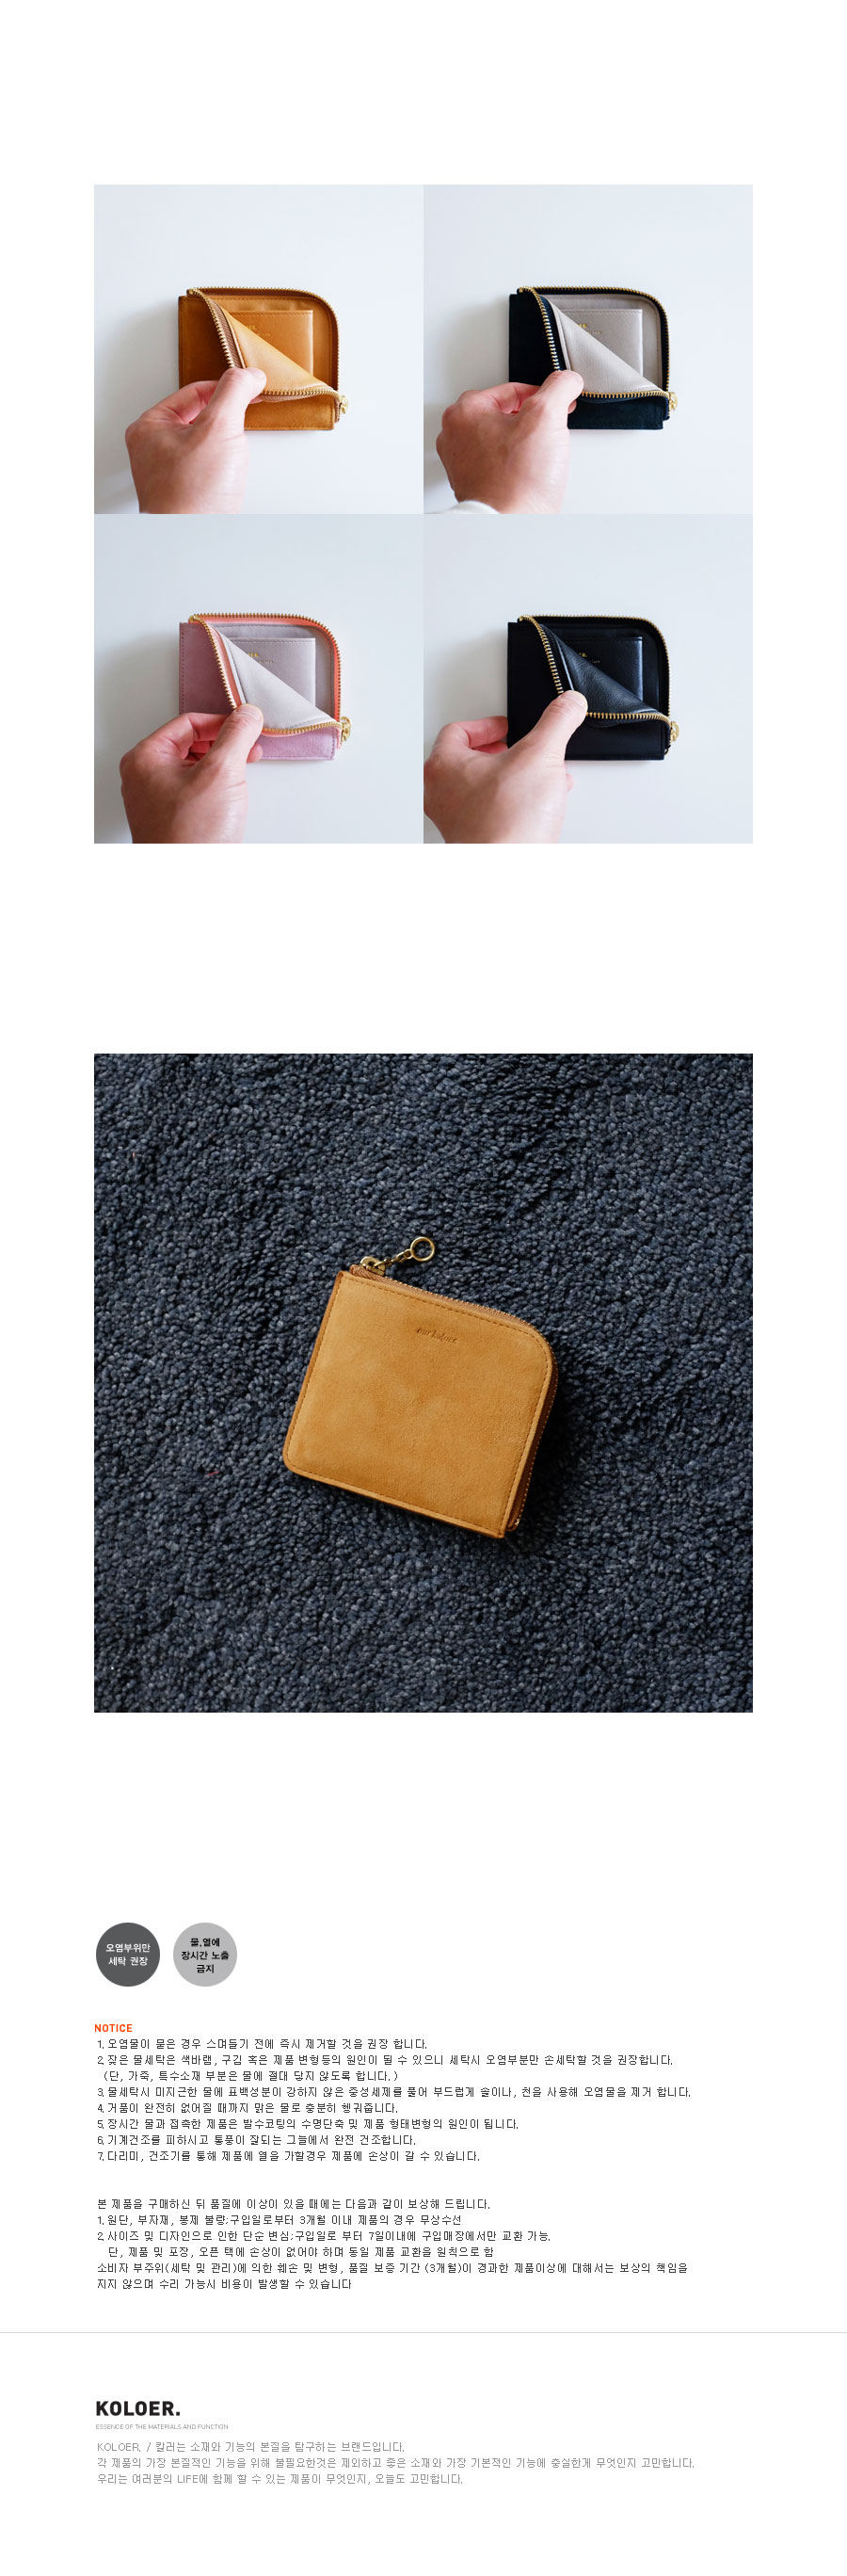 칼러(KOLOER) RoundWallet V03-Brown